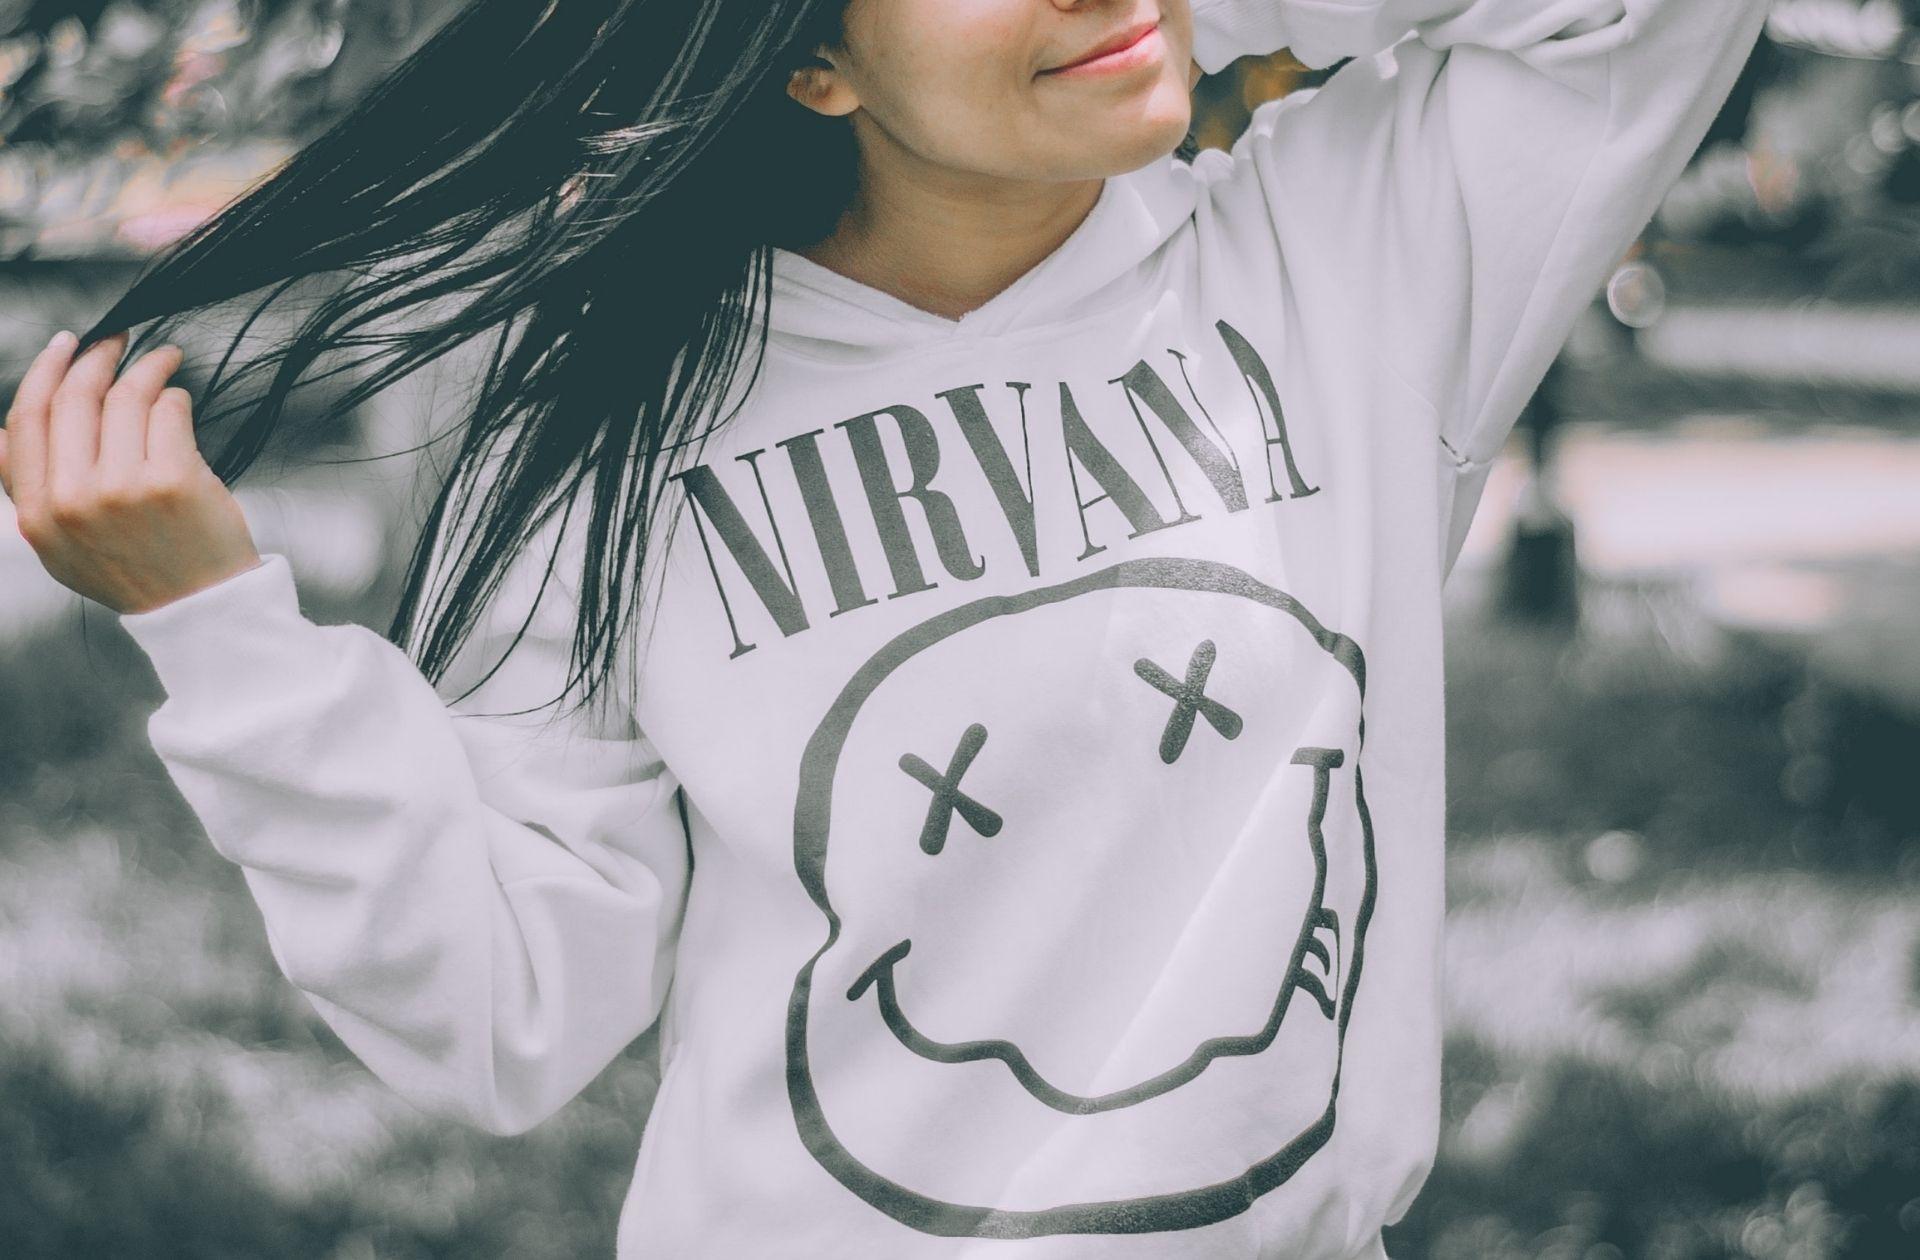 J'étais une vieille conne qui embrouille les ados en t-shirt Nirvana. Heureusement, j'ai changé